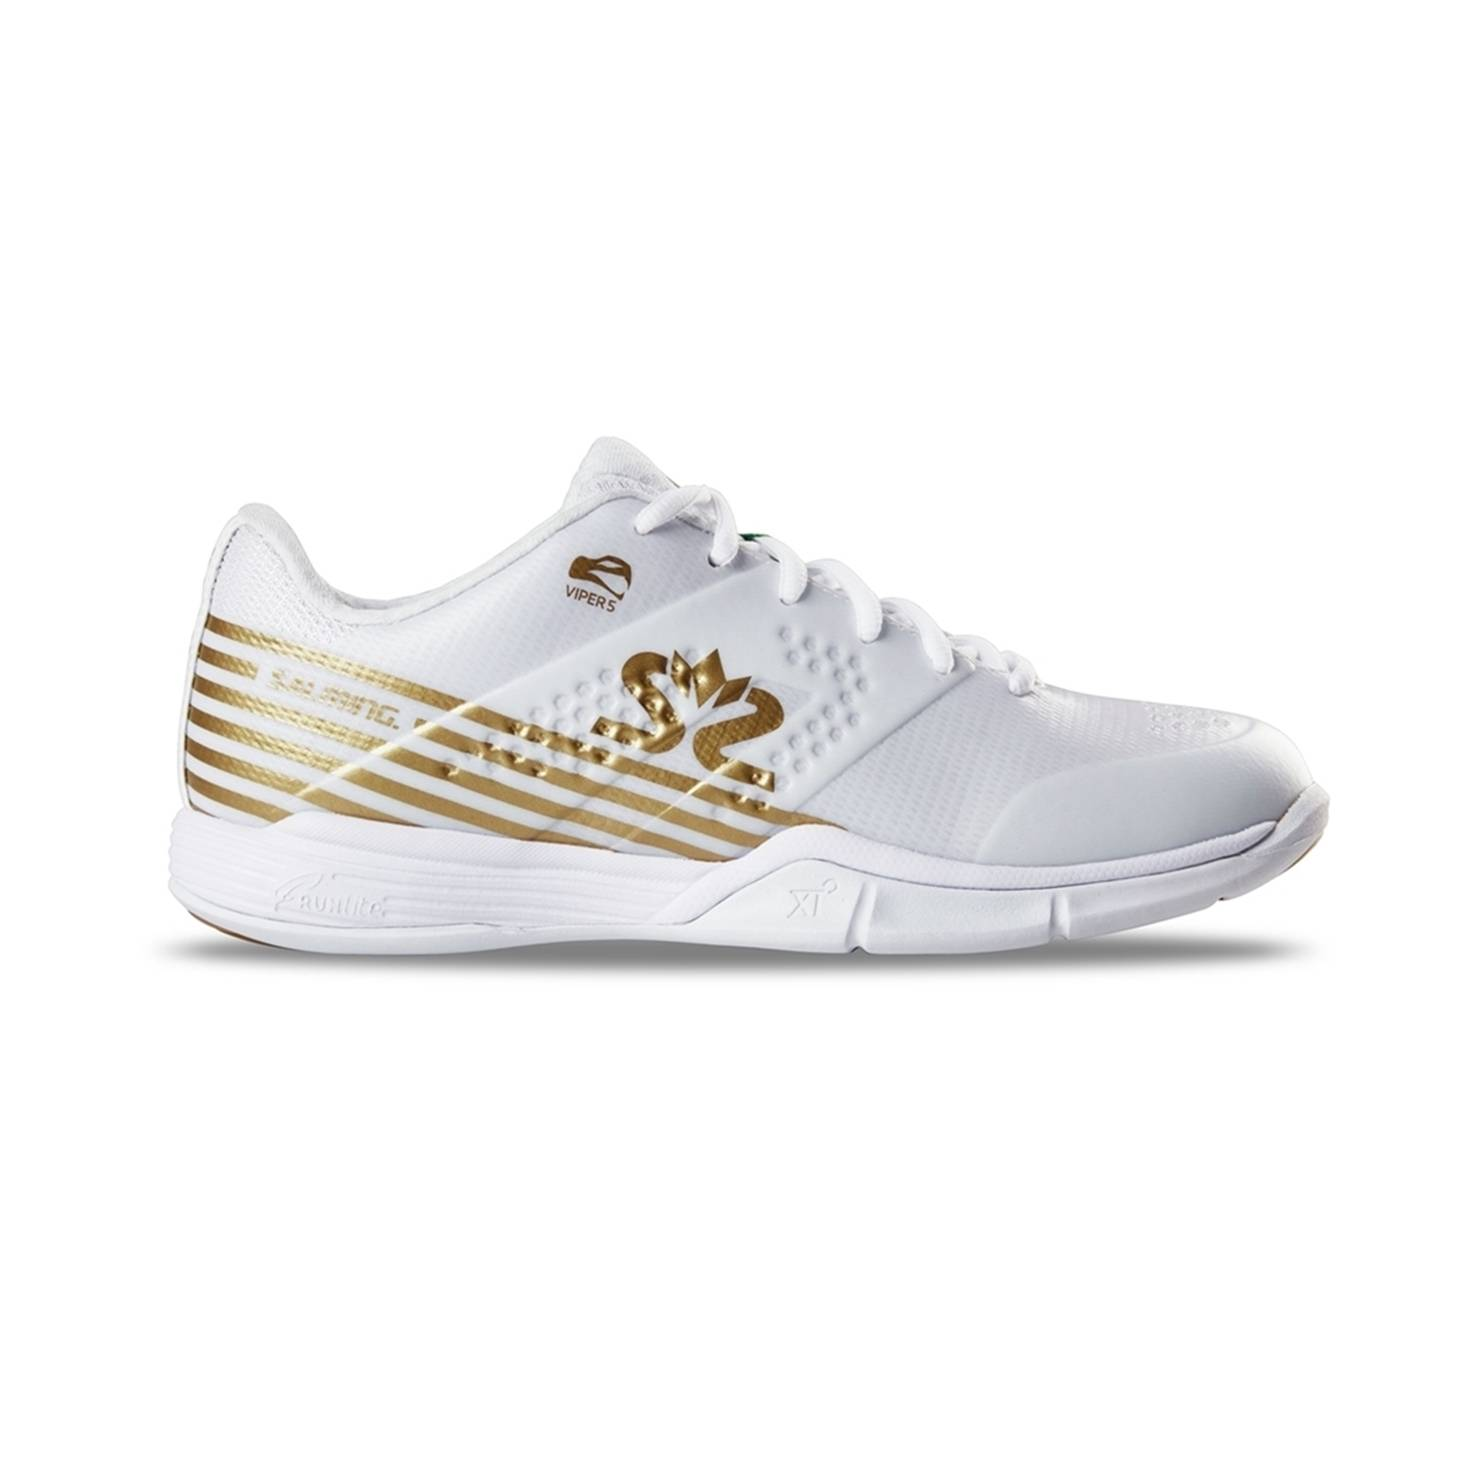 Salming Viper 5 Women White/Gold 36